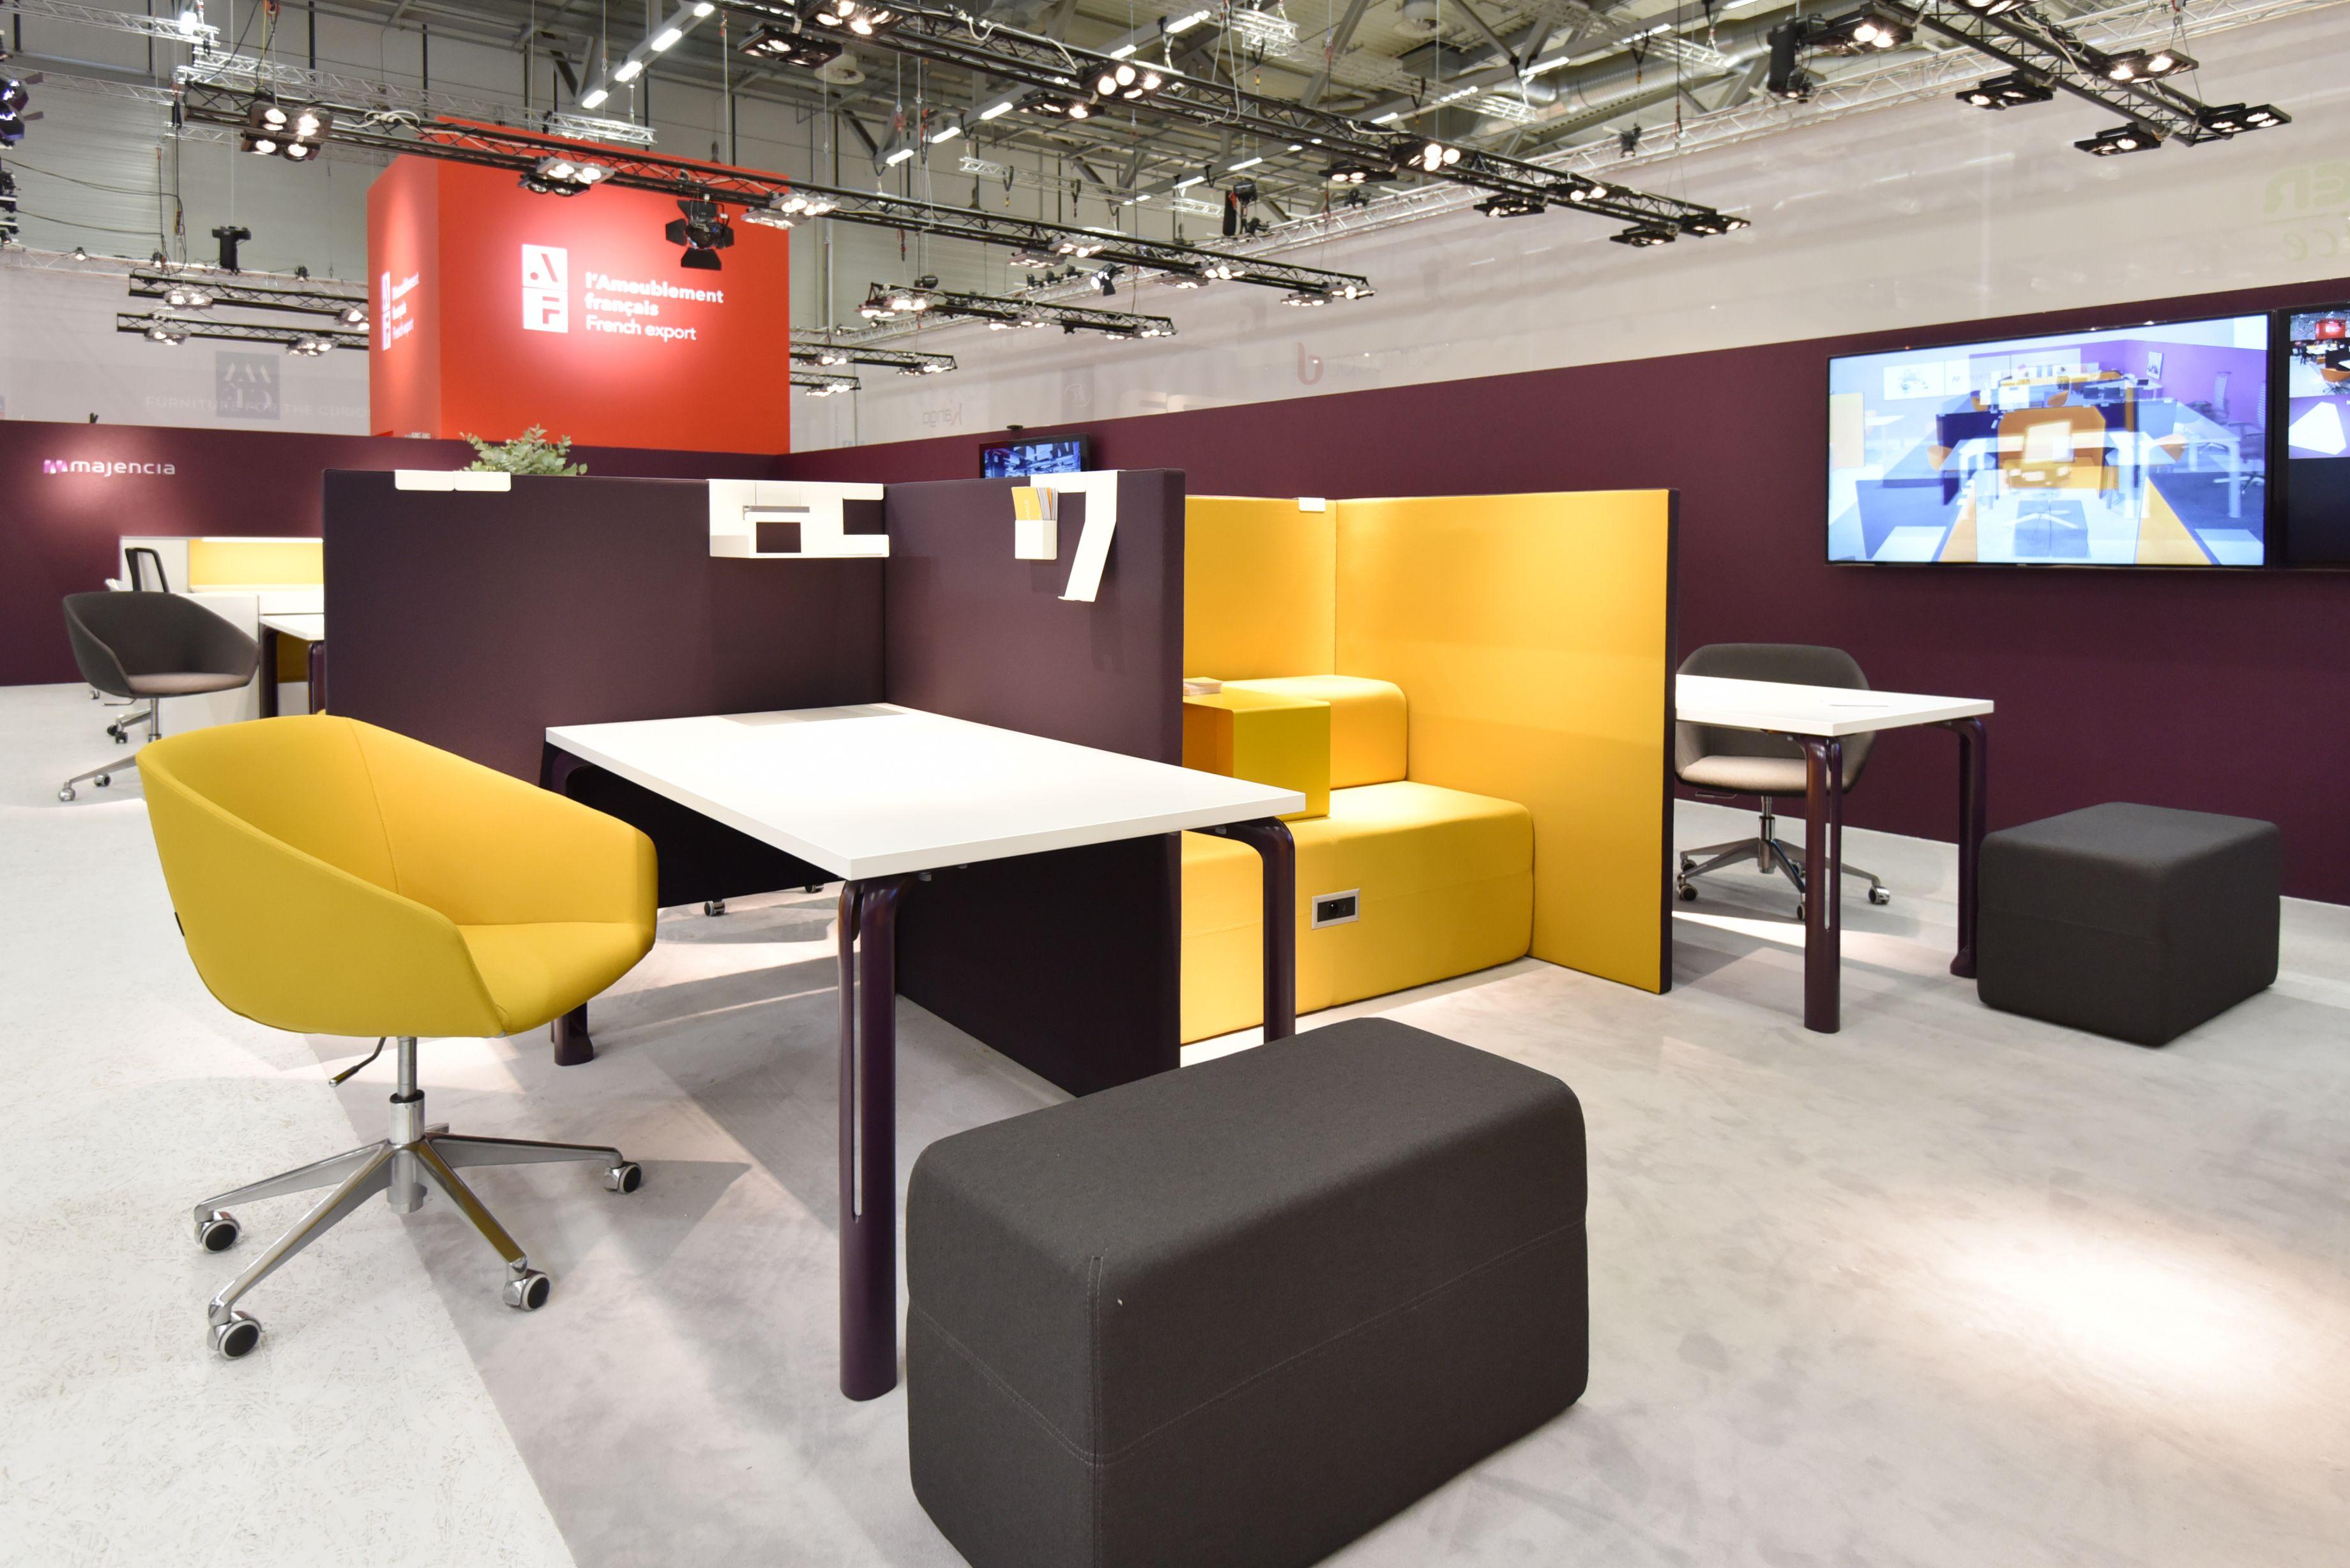 Majencia a pr sent sur son stand un dynamik workspace for Mobilier bureau qualite